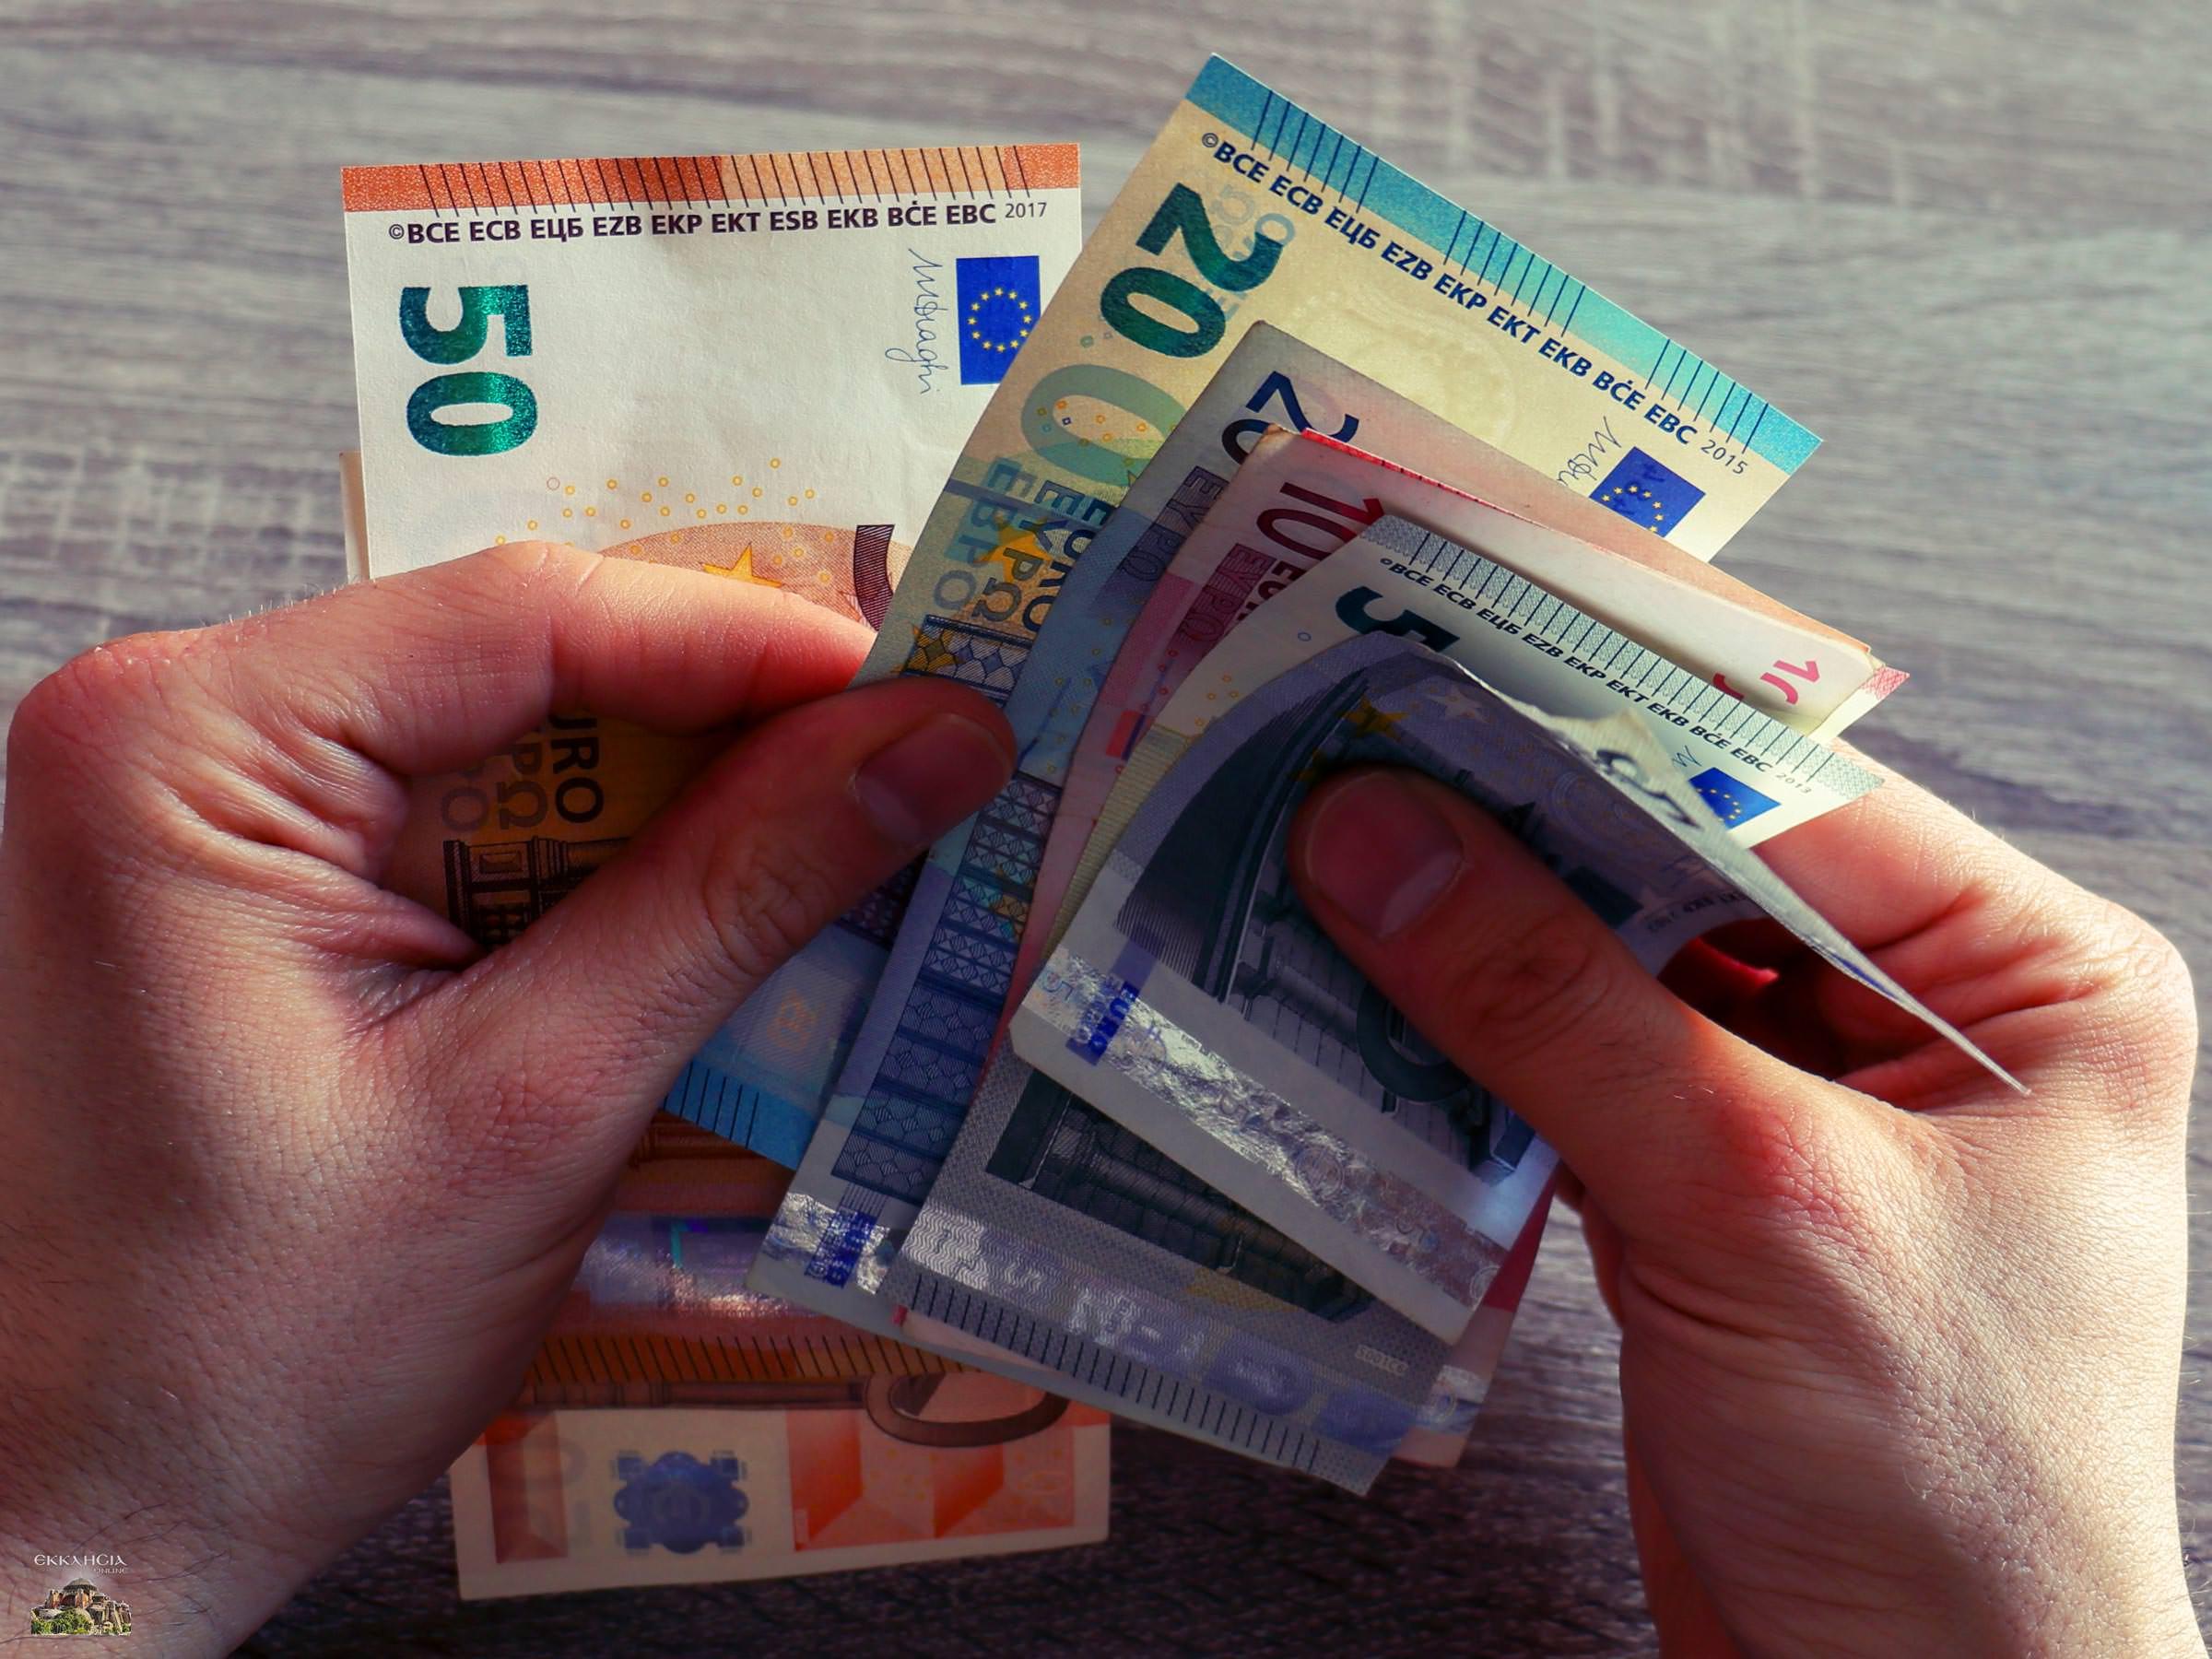 επιδόματα κοινωνικό μέρισμα χρήματα μετρητά ευρώ